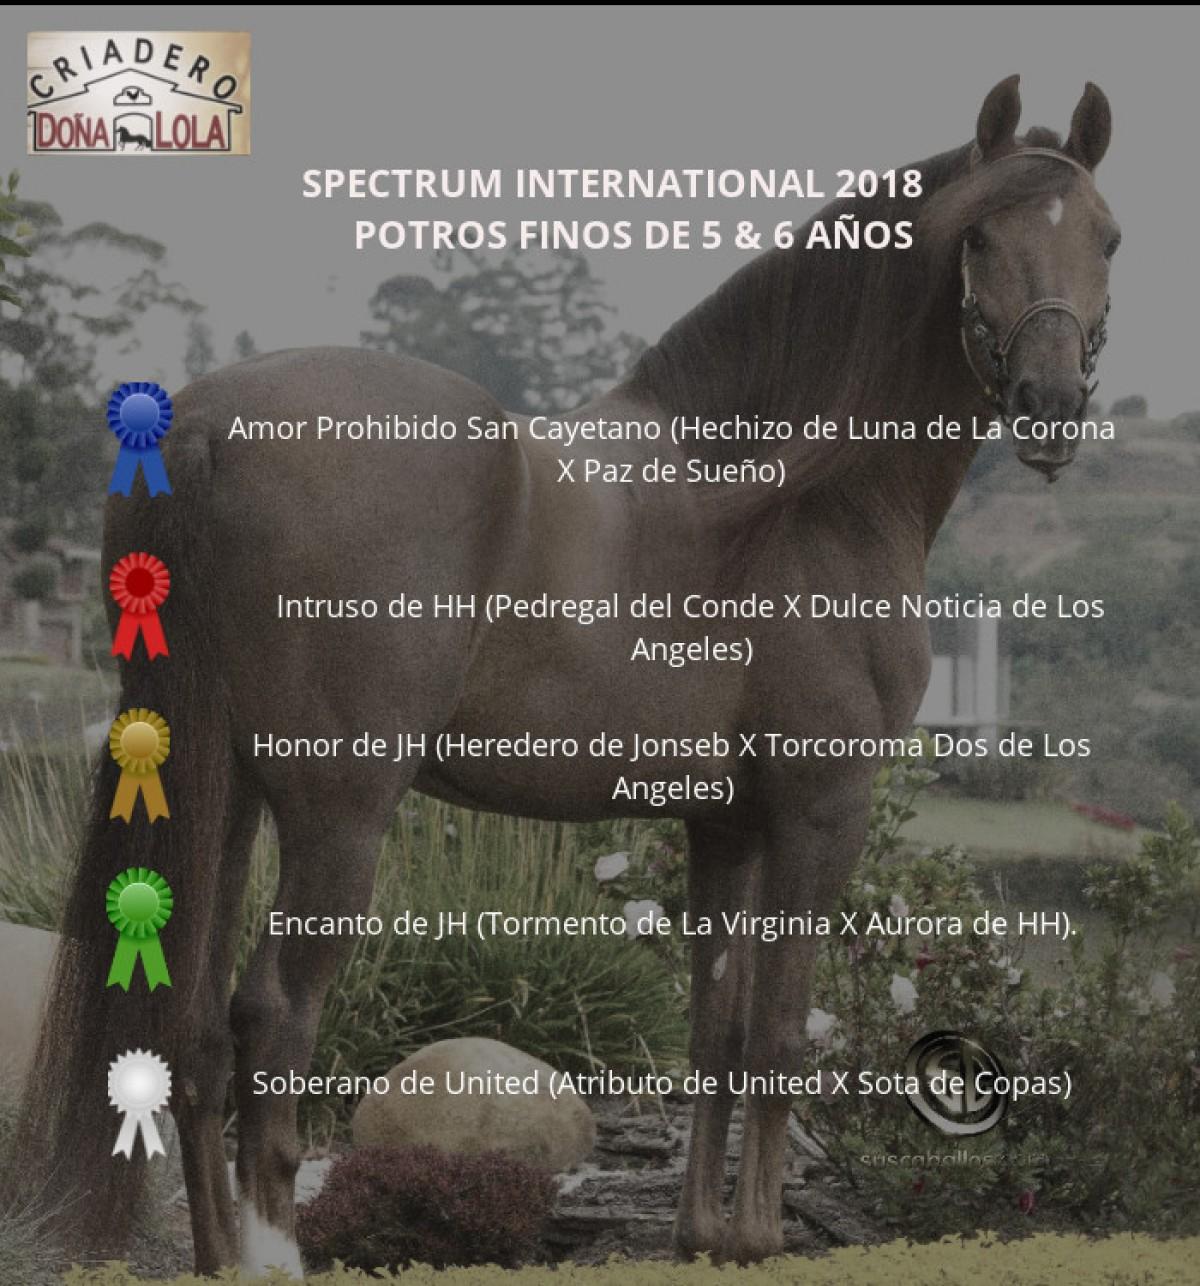 RESULTADOS  SPECTRUM INTERNATIONAL 2018 - DÍA SÁBADO